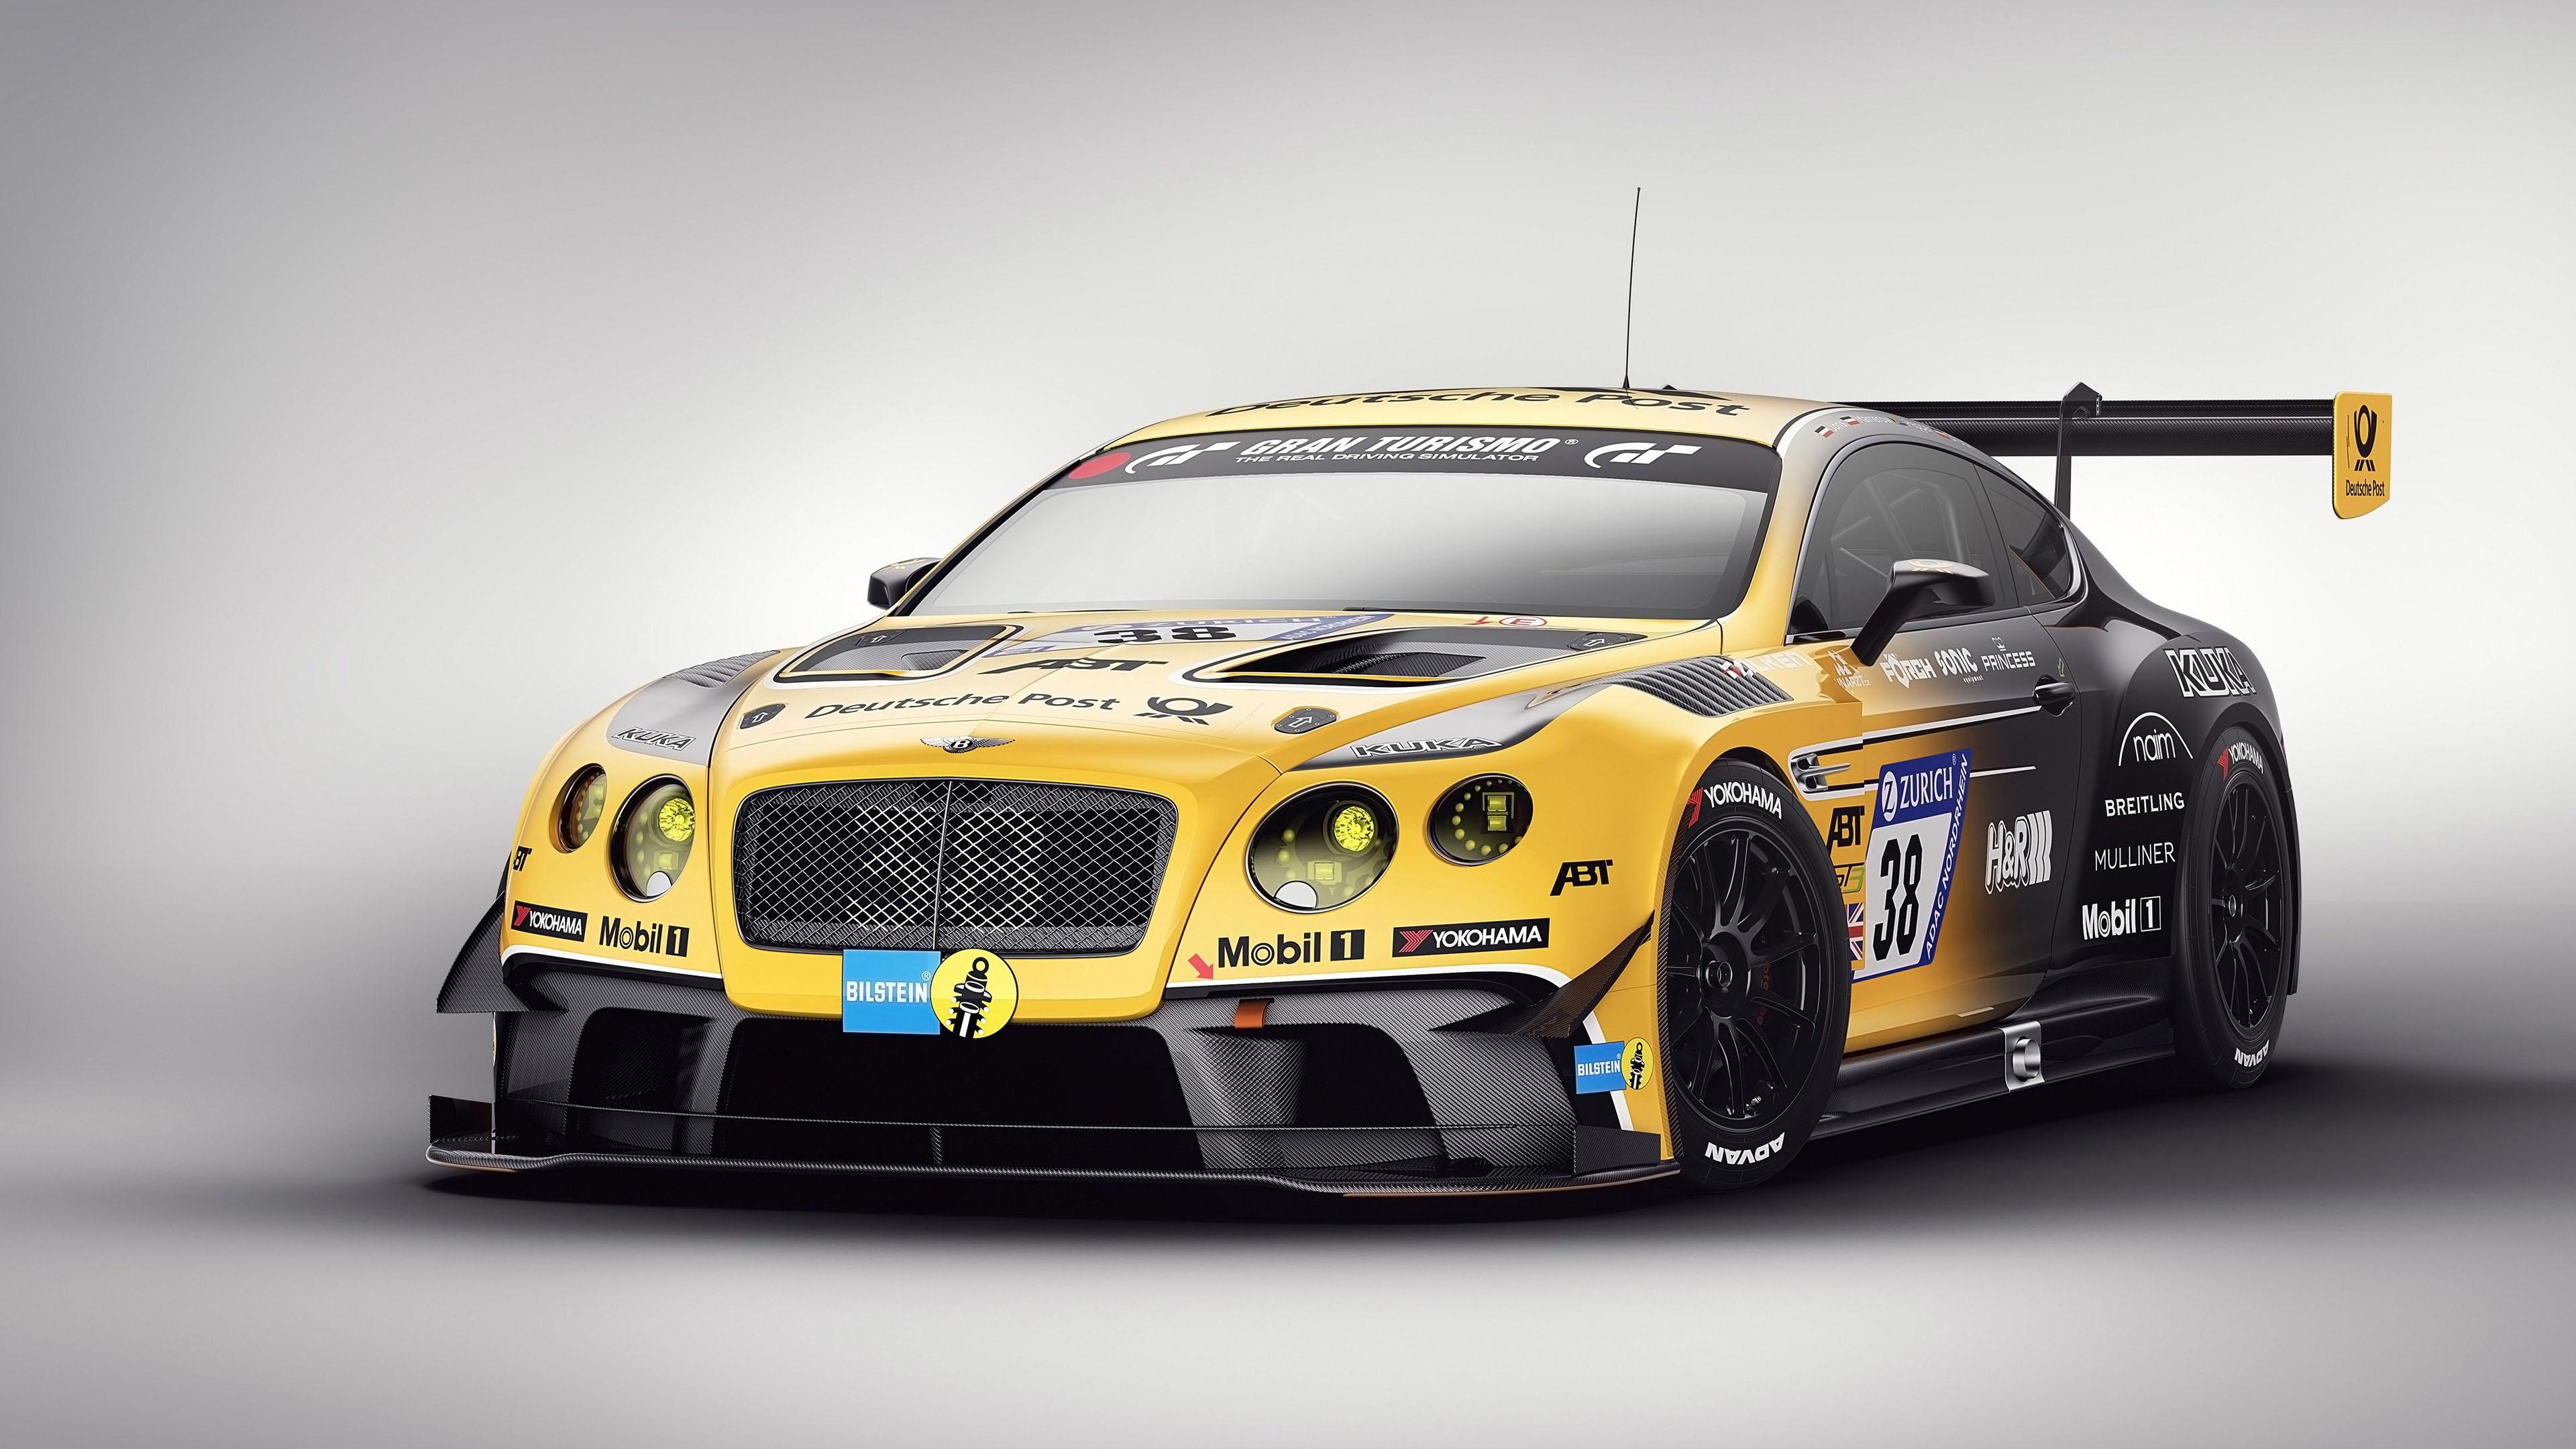 Желтый спортивный автомобиль с номером 38